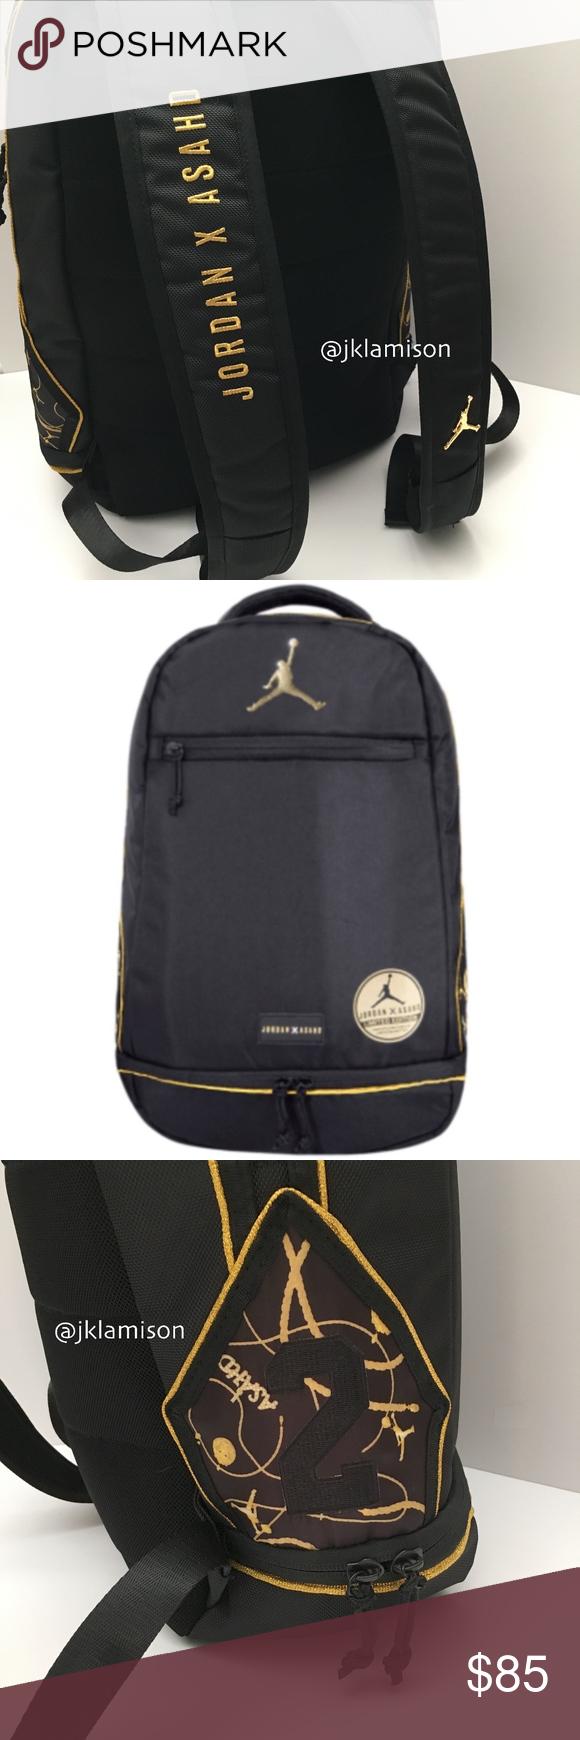 4e003daedb5 Nike JORDAN X ASAHD - DJ KHALID Backpack The Jordan Ashad X Jumpman Special  Edition Backpack